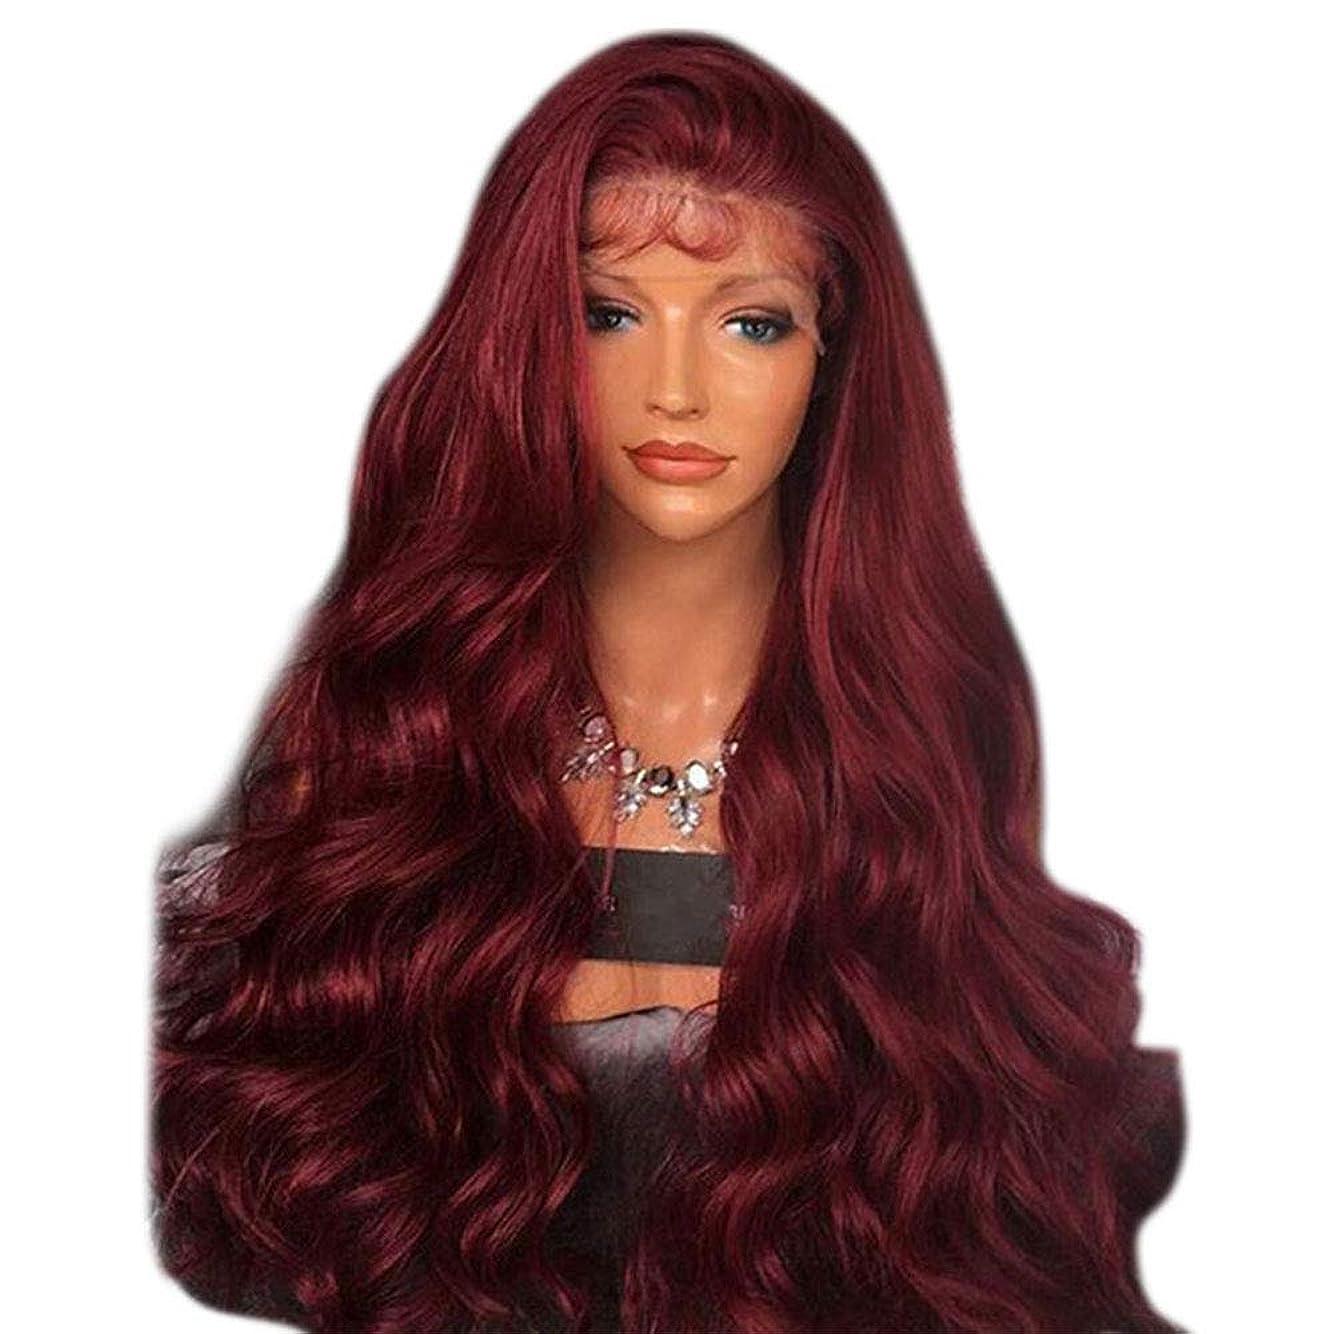 毎週釈義悪いYrattary ウィッグ女性のワインレッドのフロントレース26インチウィッグで長い巻き毛のかつらロールウィッグロールプレイングかつら (色 : ワインレッド, サイズ : 24 inches)